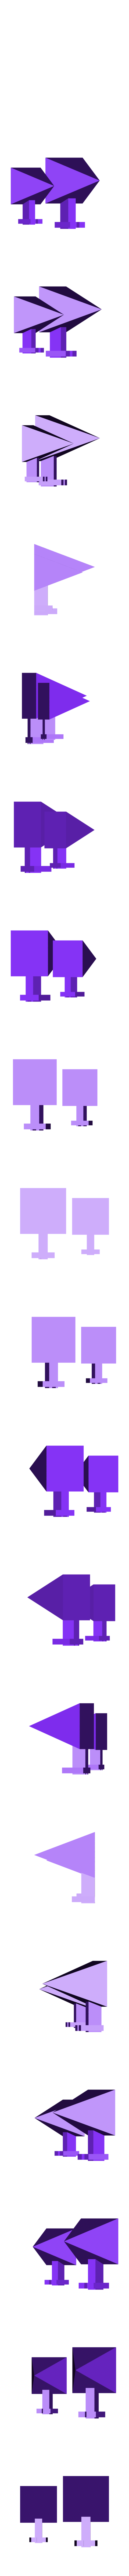 Df9579fc 69f5 483c 8e58 1a4d08f76341